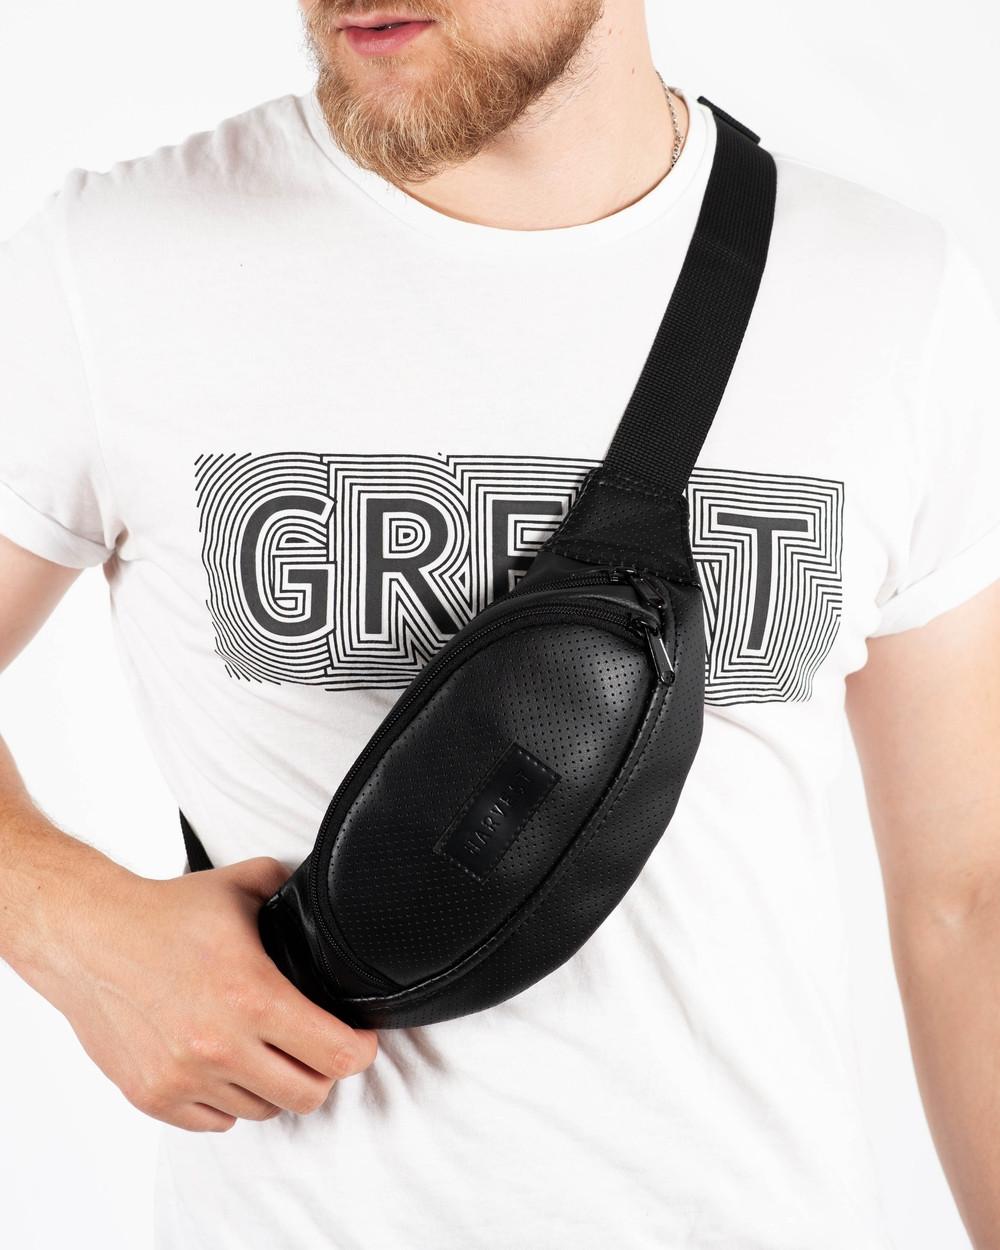 """Поясная сумка """"PERF MINI"""" чёрная, на 1л, бананка, унисекс, повседневная, спортивная, водоотталкивающая,экокожа"""